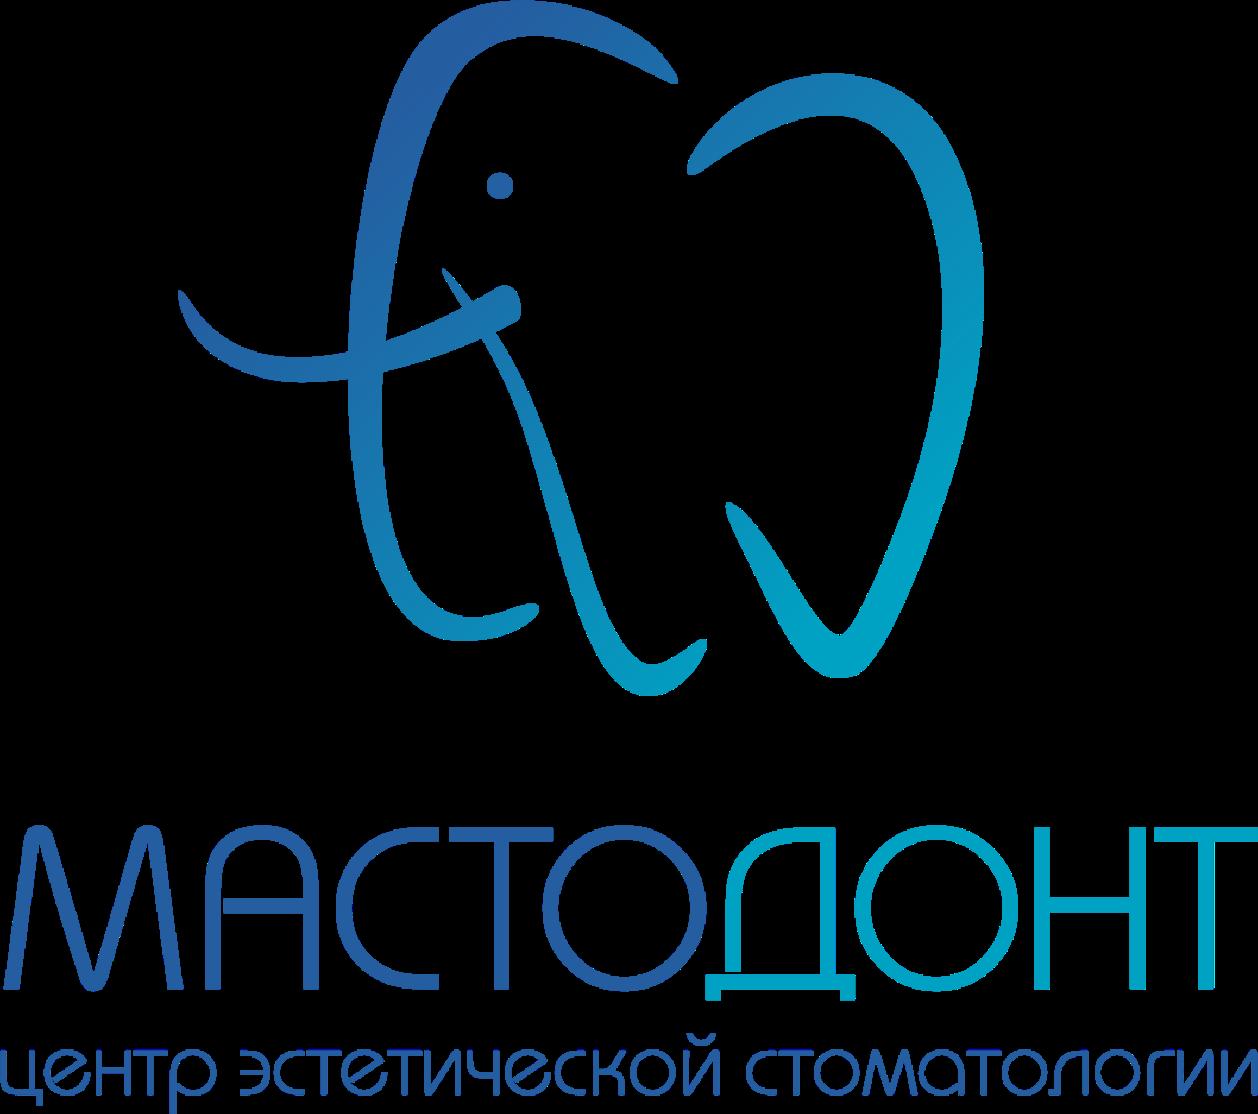 МАСТОДОНТ